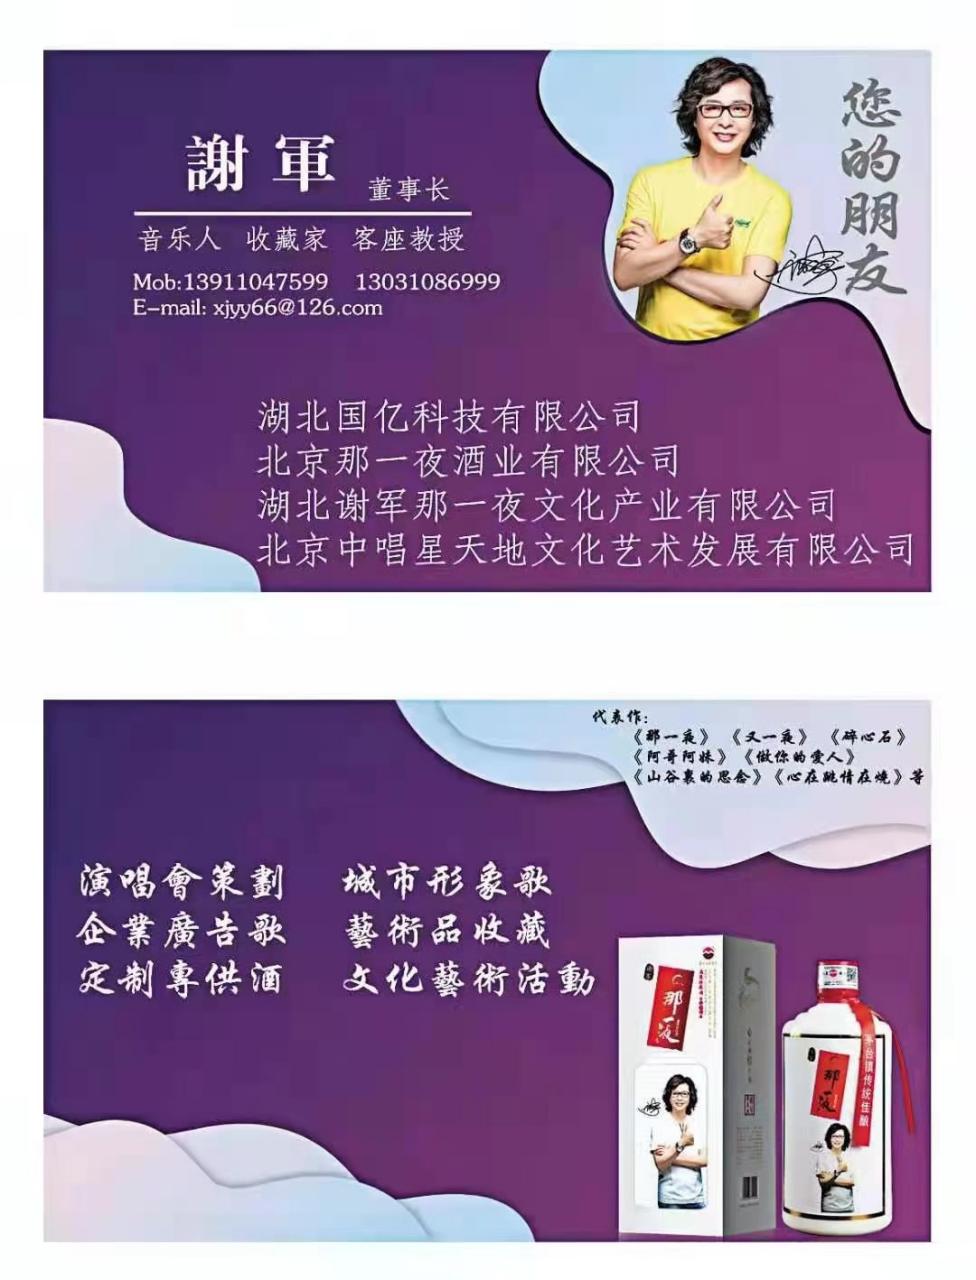 """知名艺人谢军卖了3年的""""那一液"""" 却没有注册商标"""